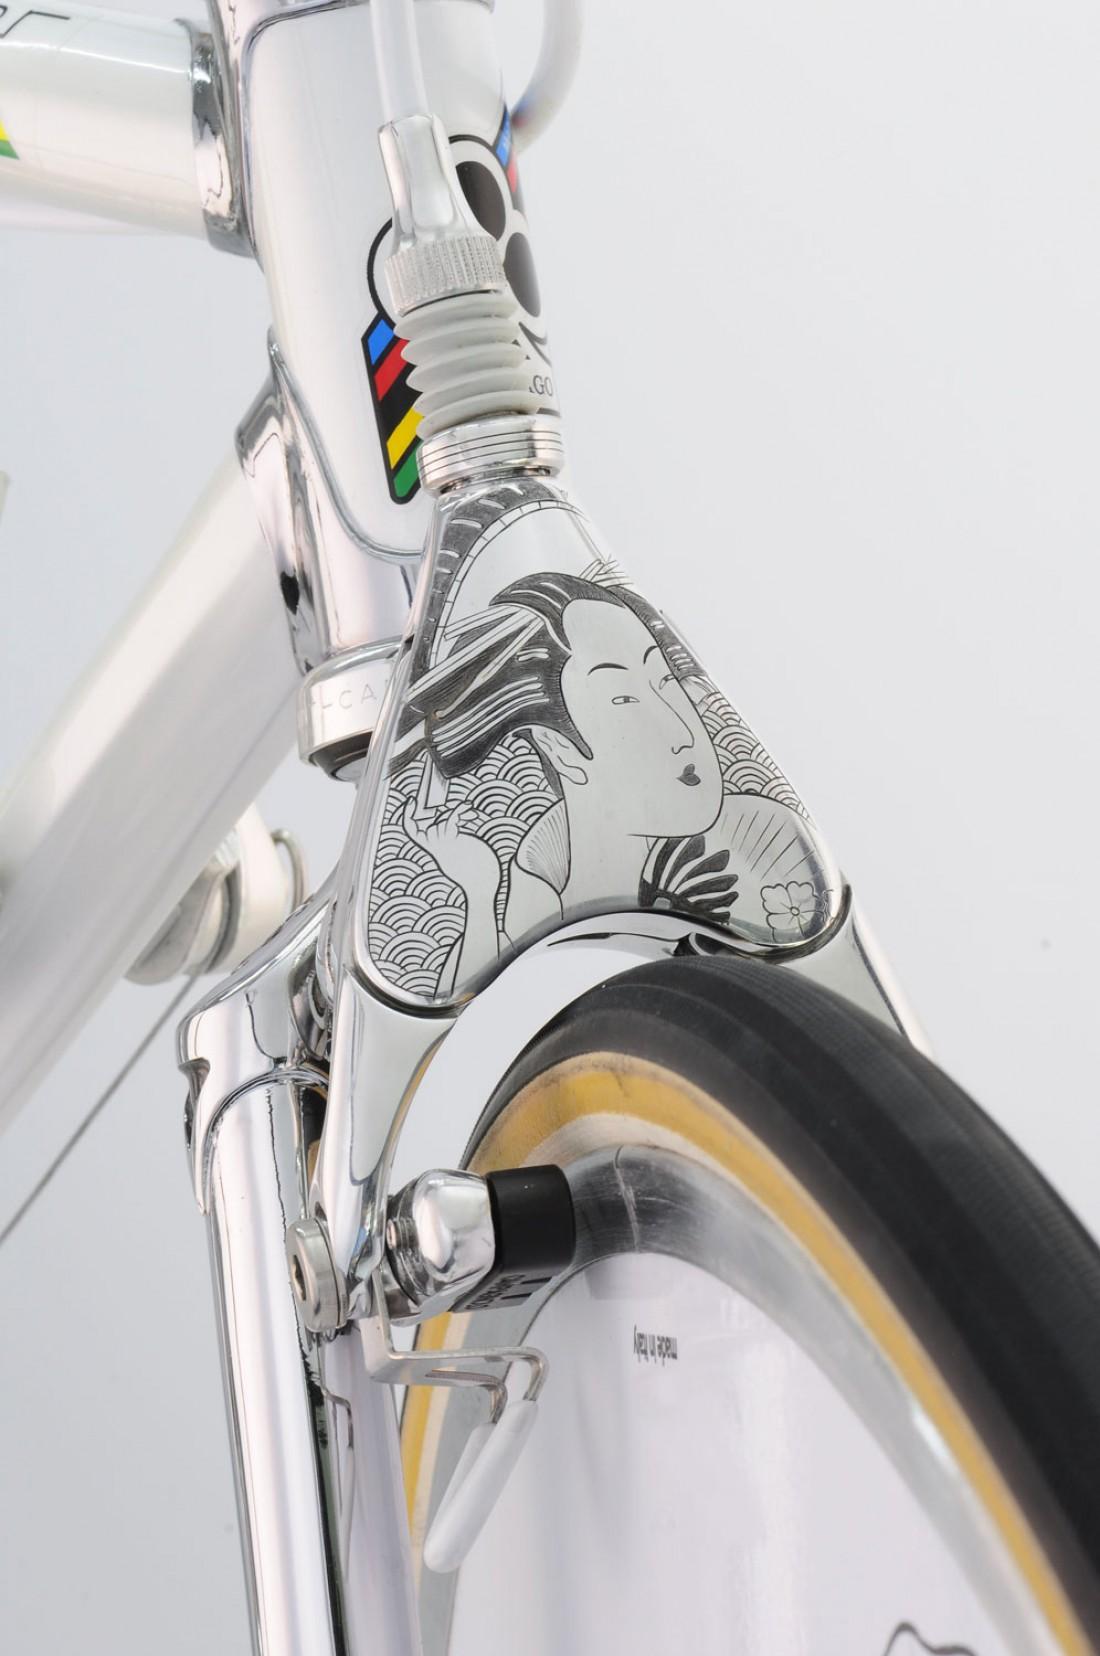 Передний V-Brake, заделанный в японском стиле